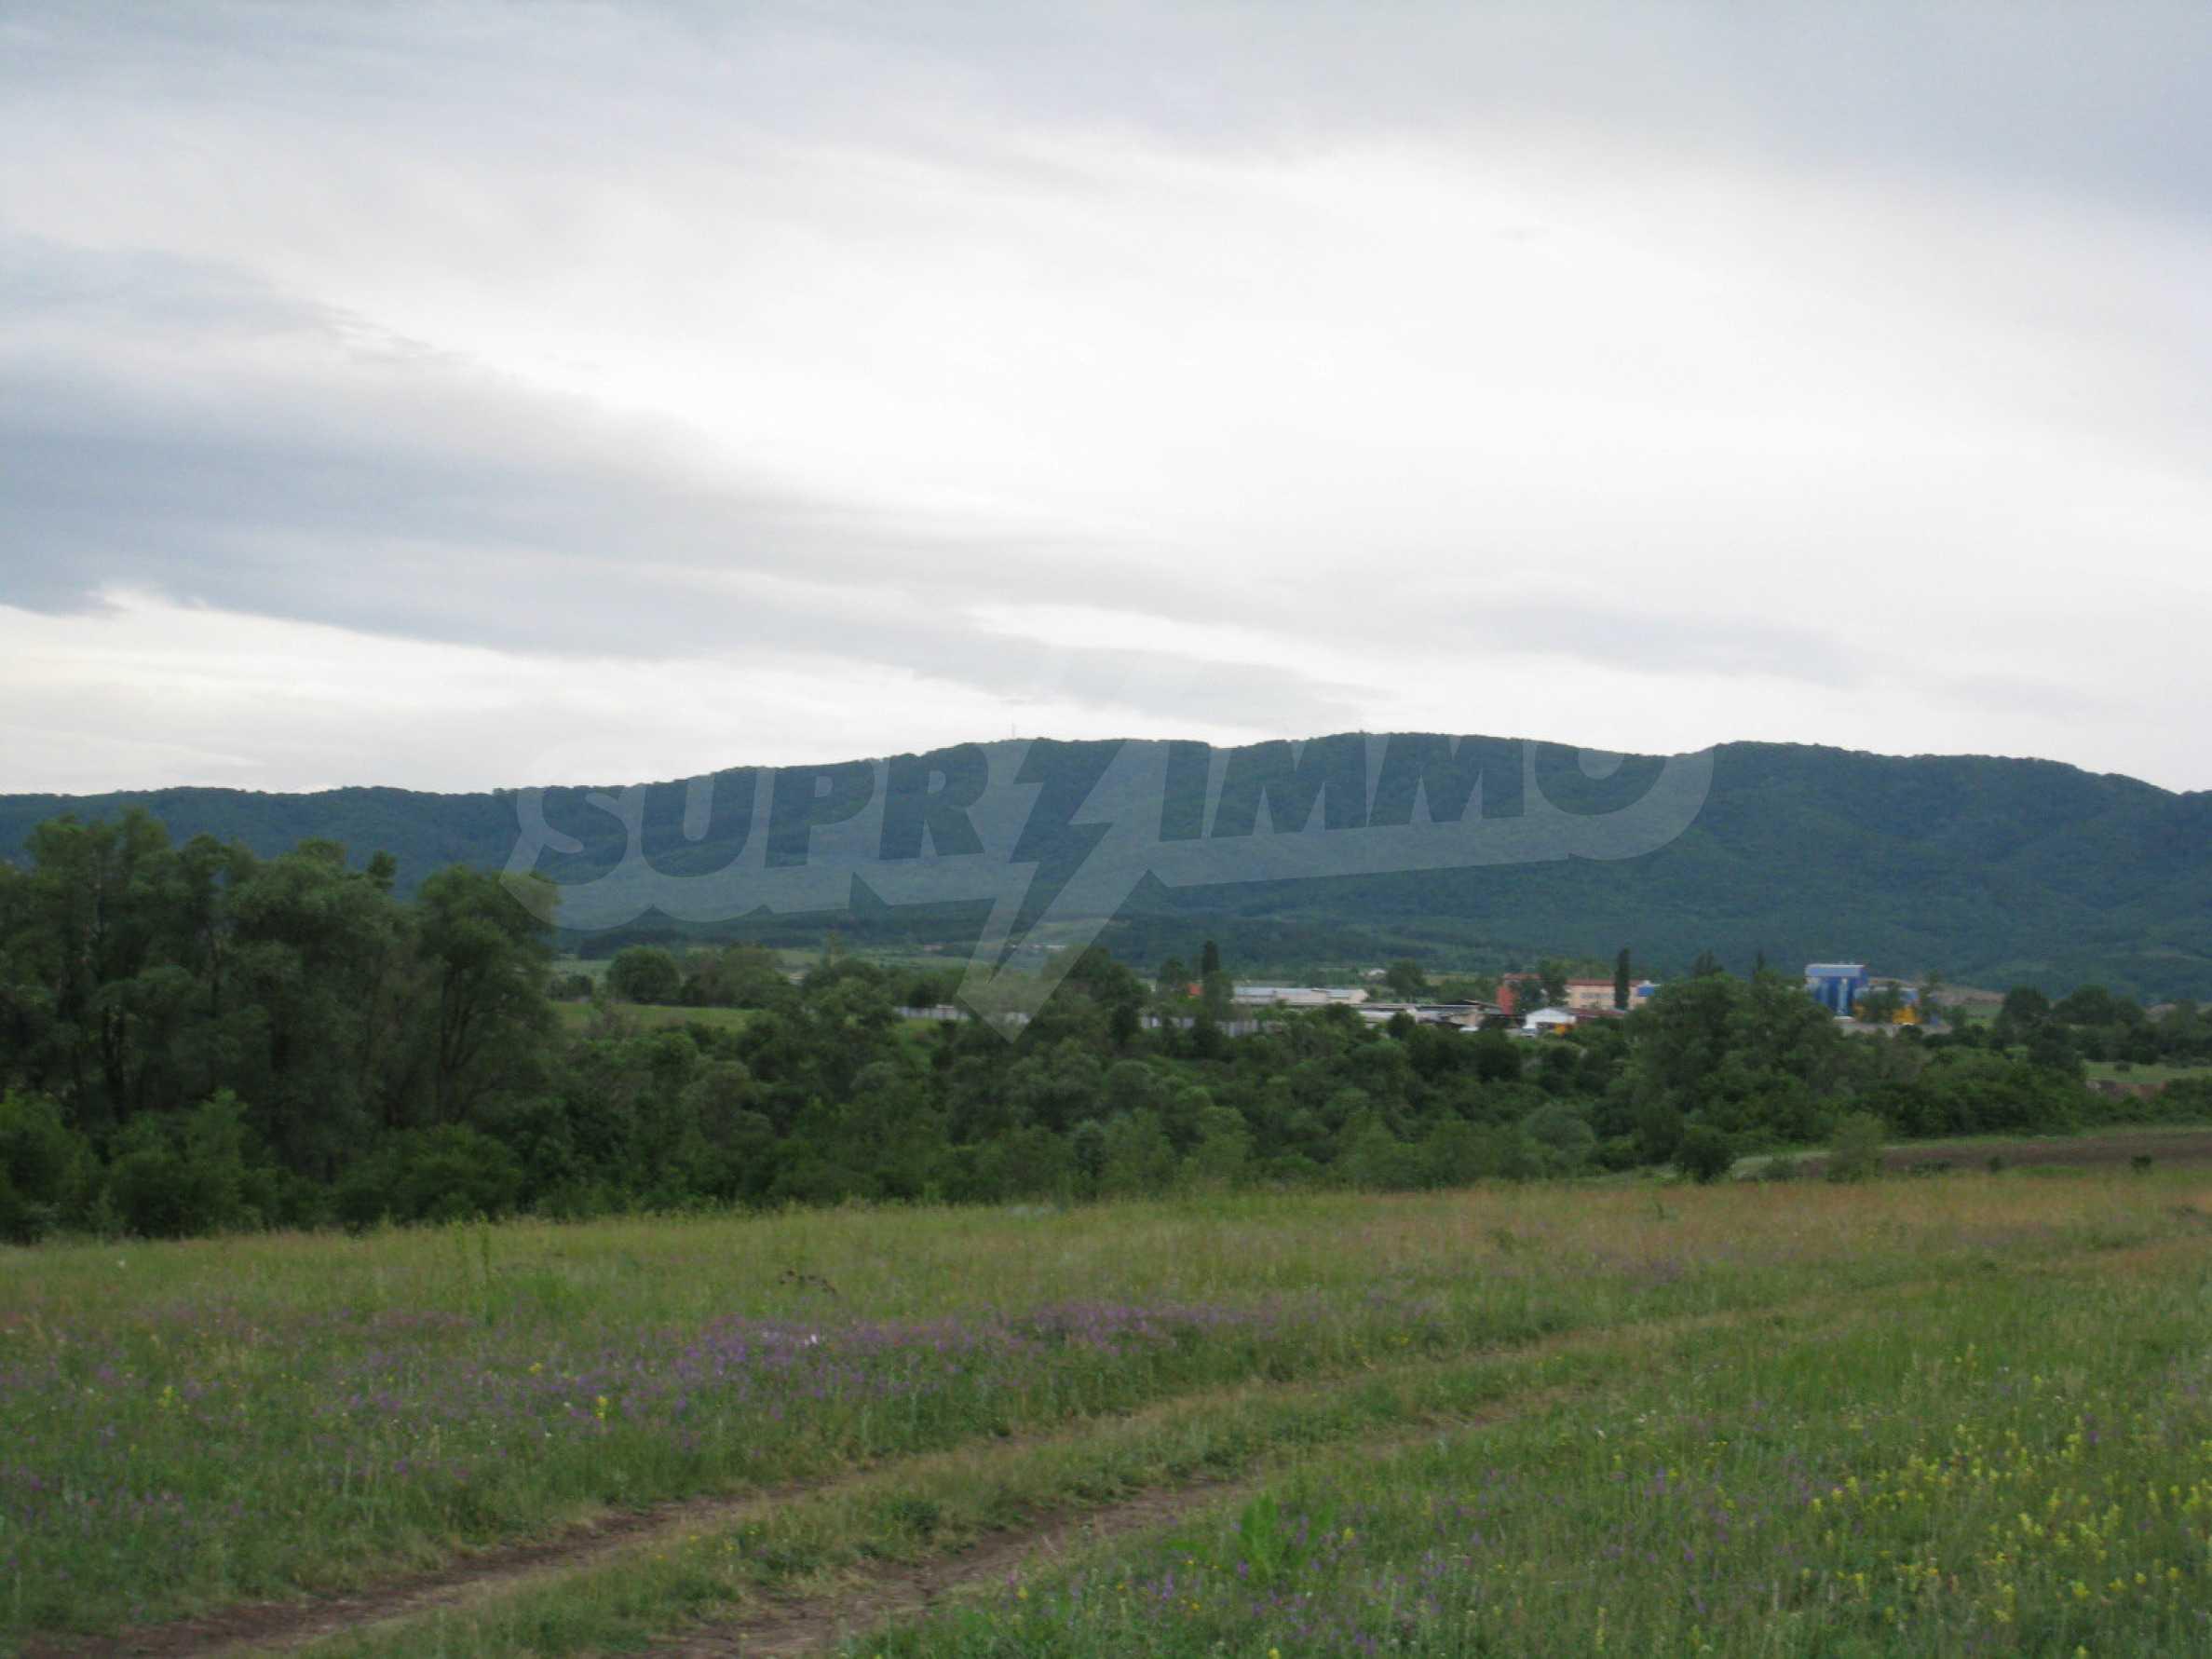 Ackerland in der Nähe eines Sees in Suhodol 8